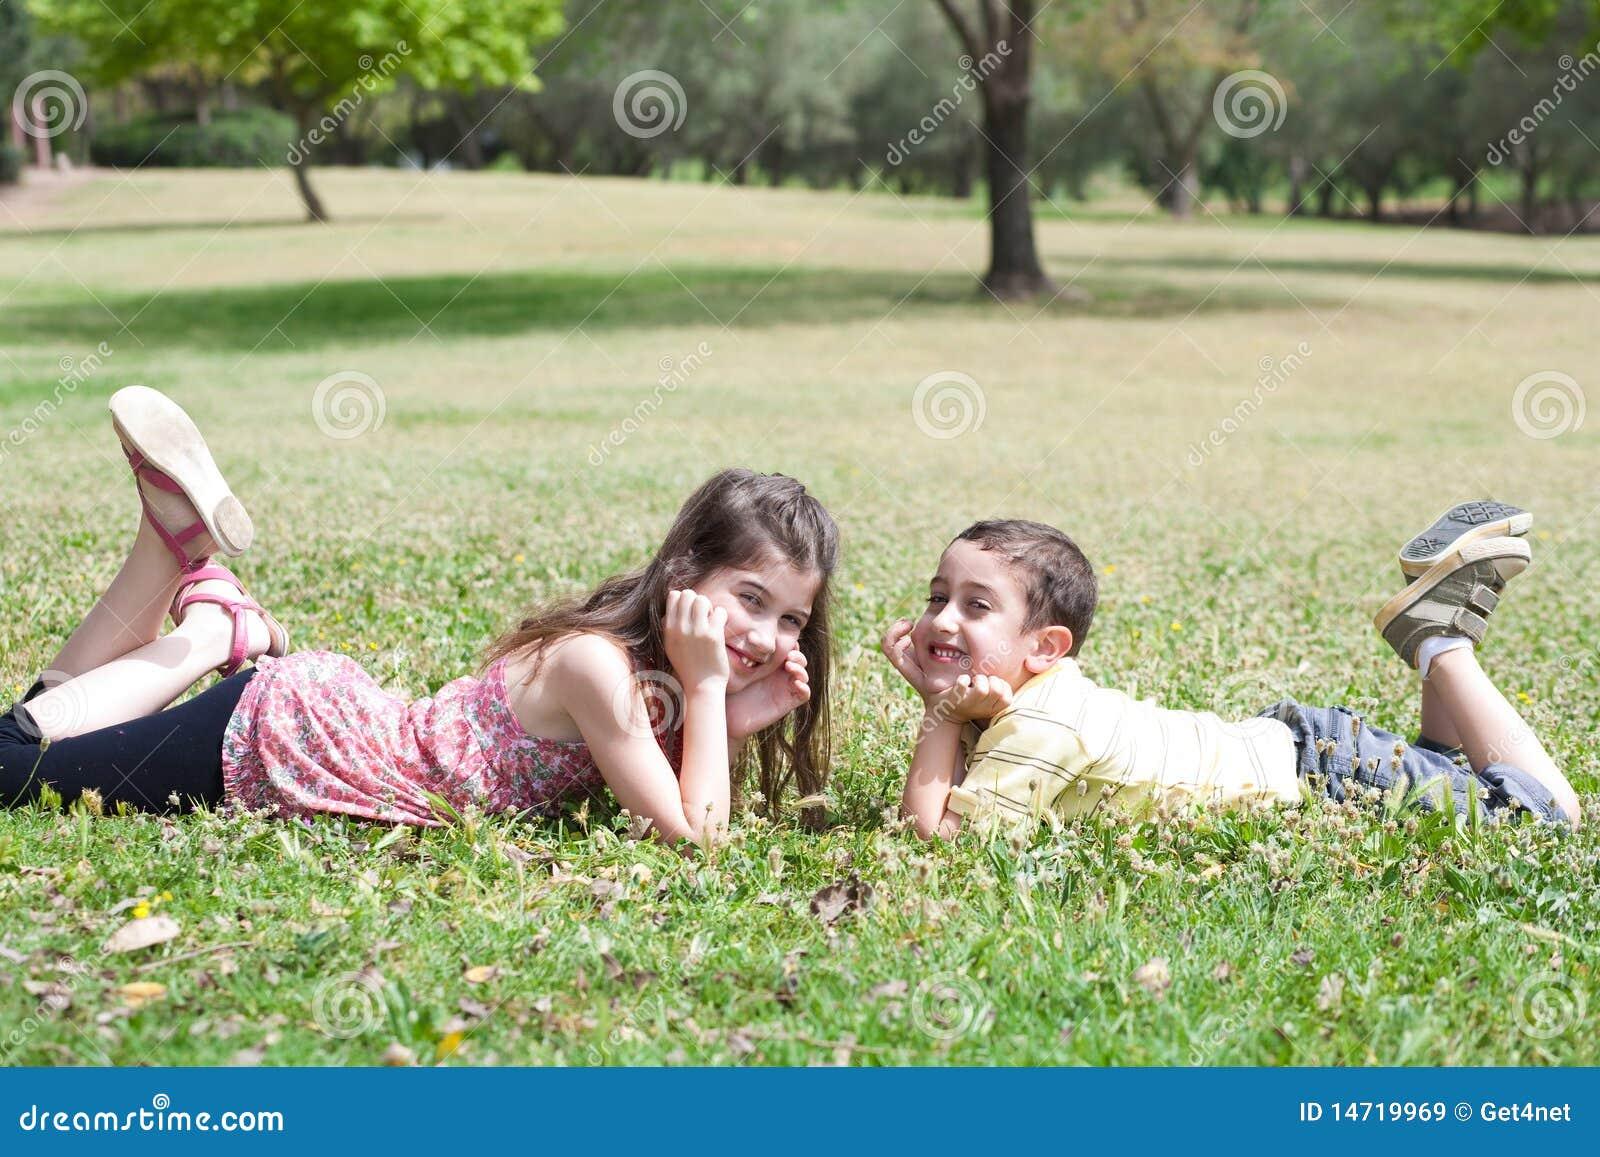 Gulliga barn gräs ner grön lie